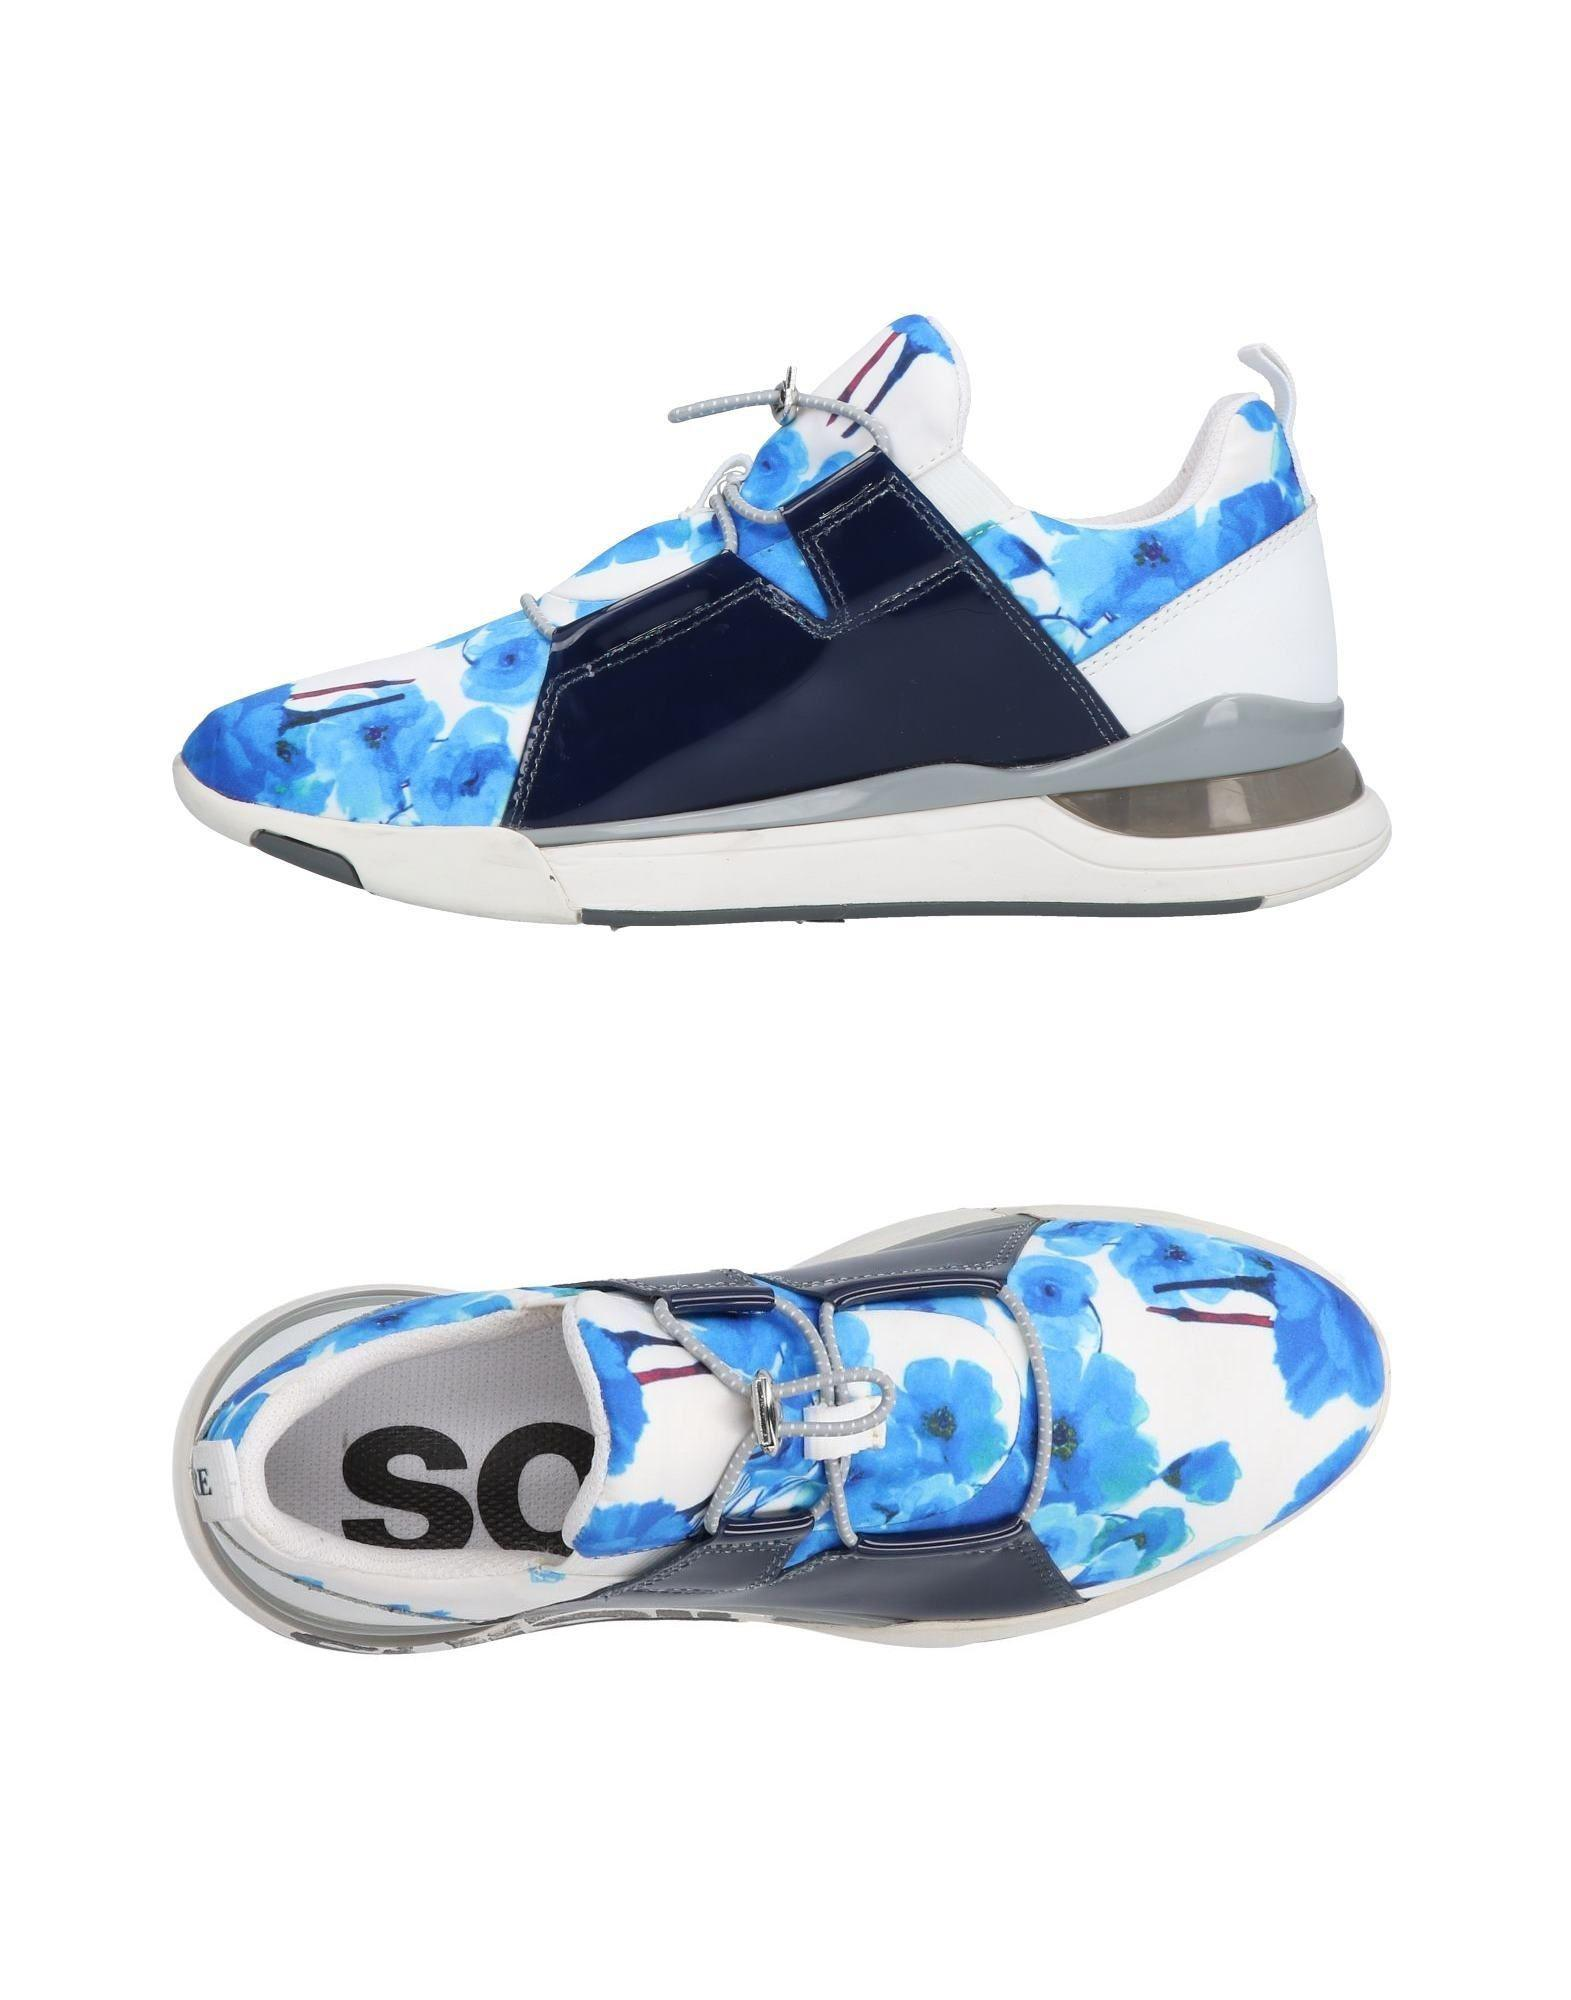 d12f91748 Soisire Soiebleu Low-tops   Sneakers in Blue - Lyst